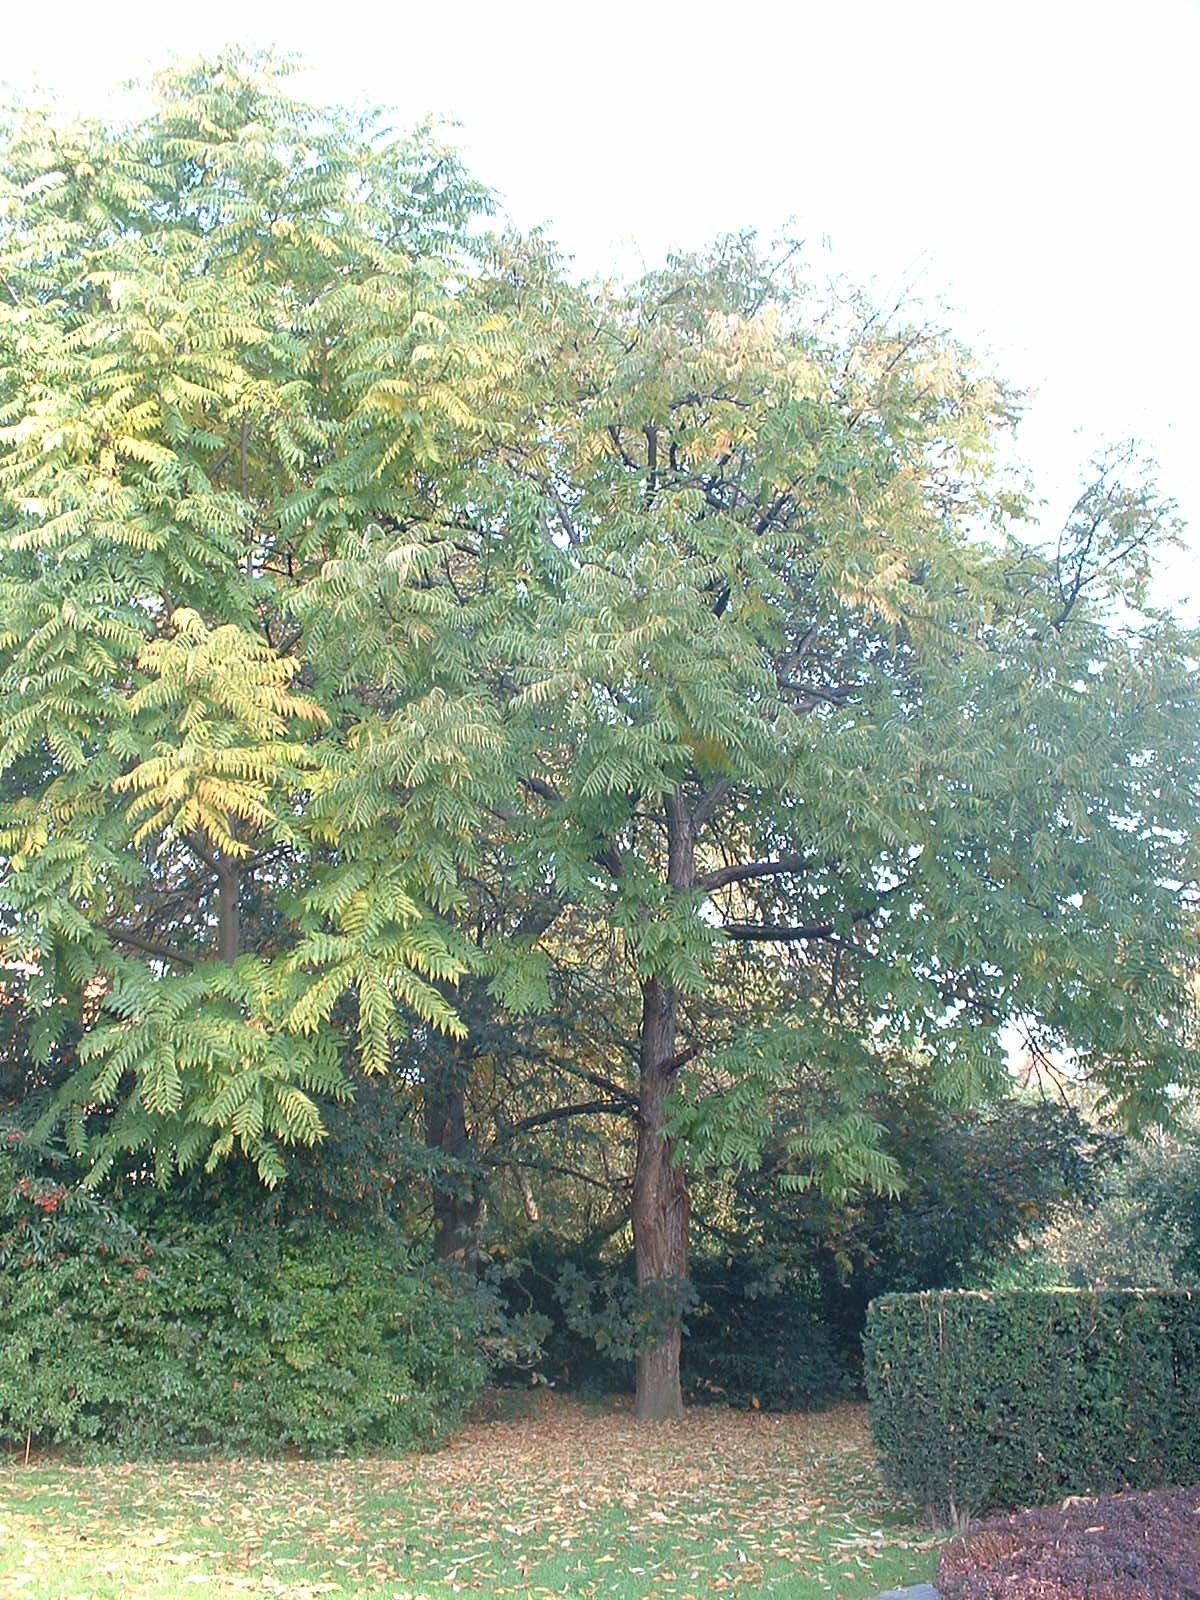 Cedrela sinensis – Watermaal-Bosvoorde, Leybeekpark, parc –  22 Oktober 2003